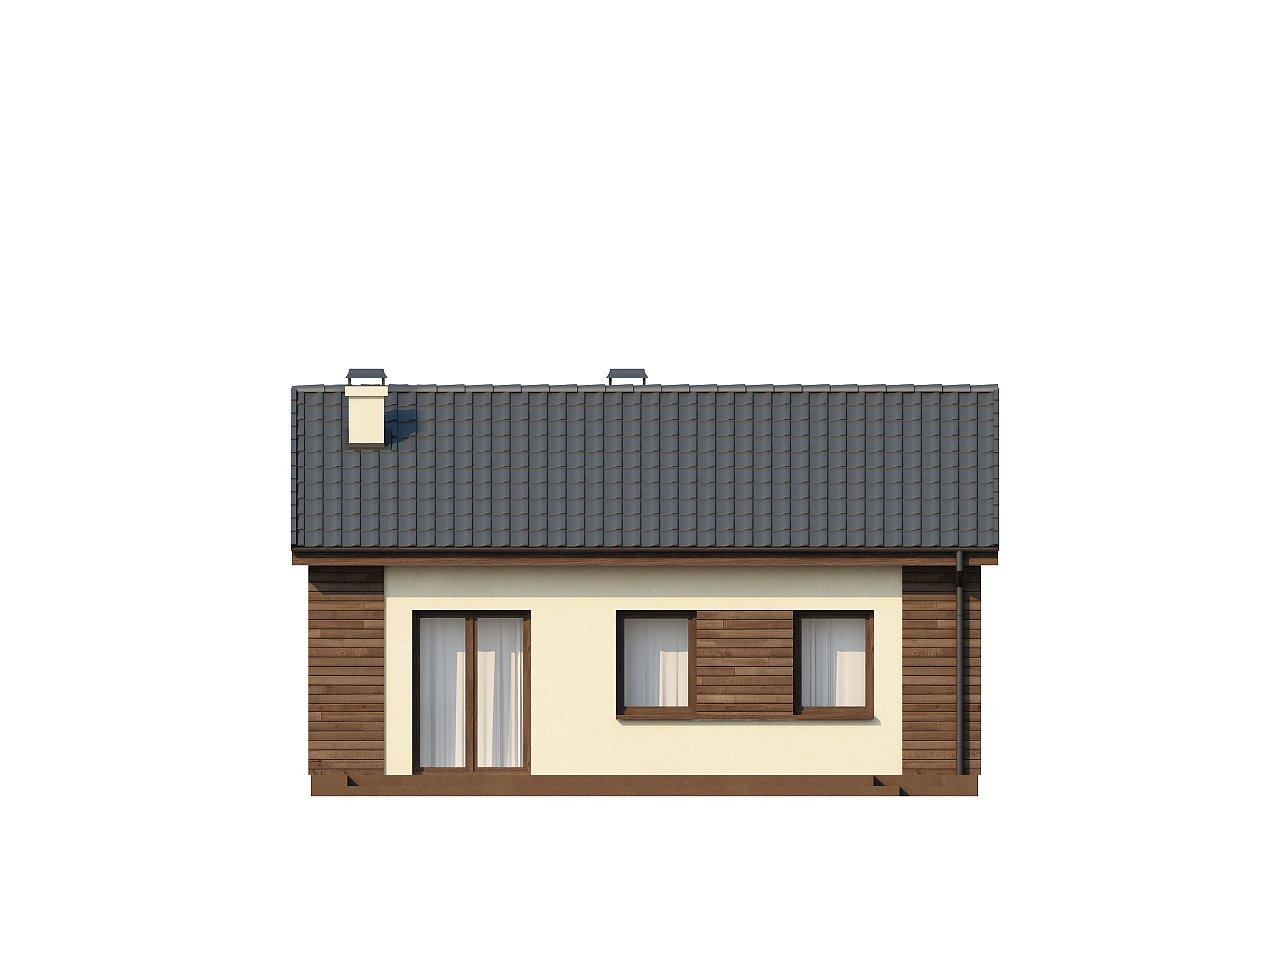 Маленький одноэтажный дом с двускатной кровлей, недорогой в строительстве и эксплуатации. - фото 15